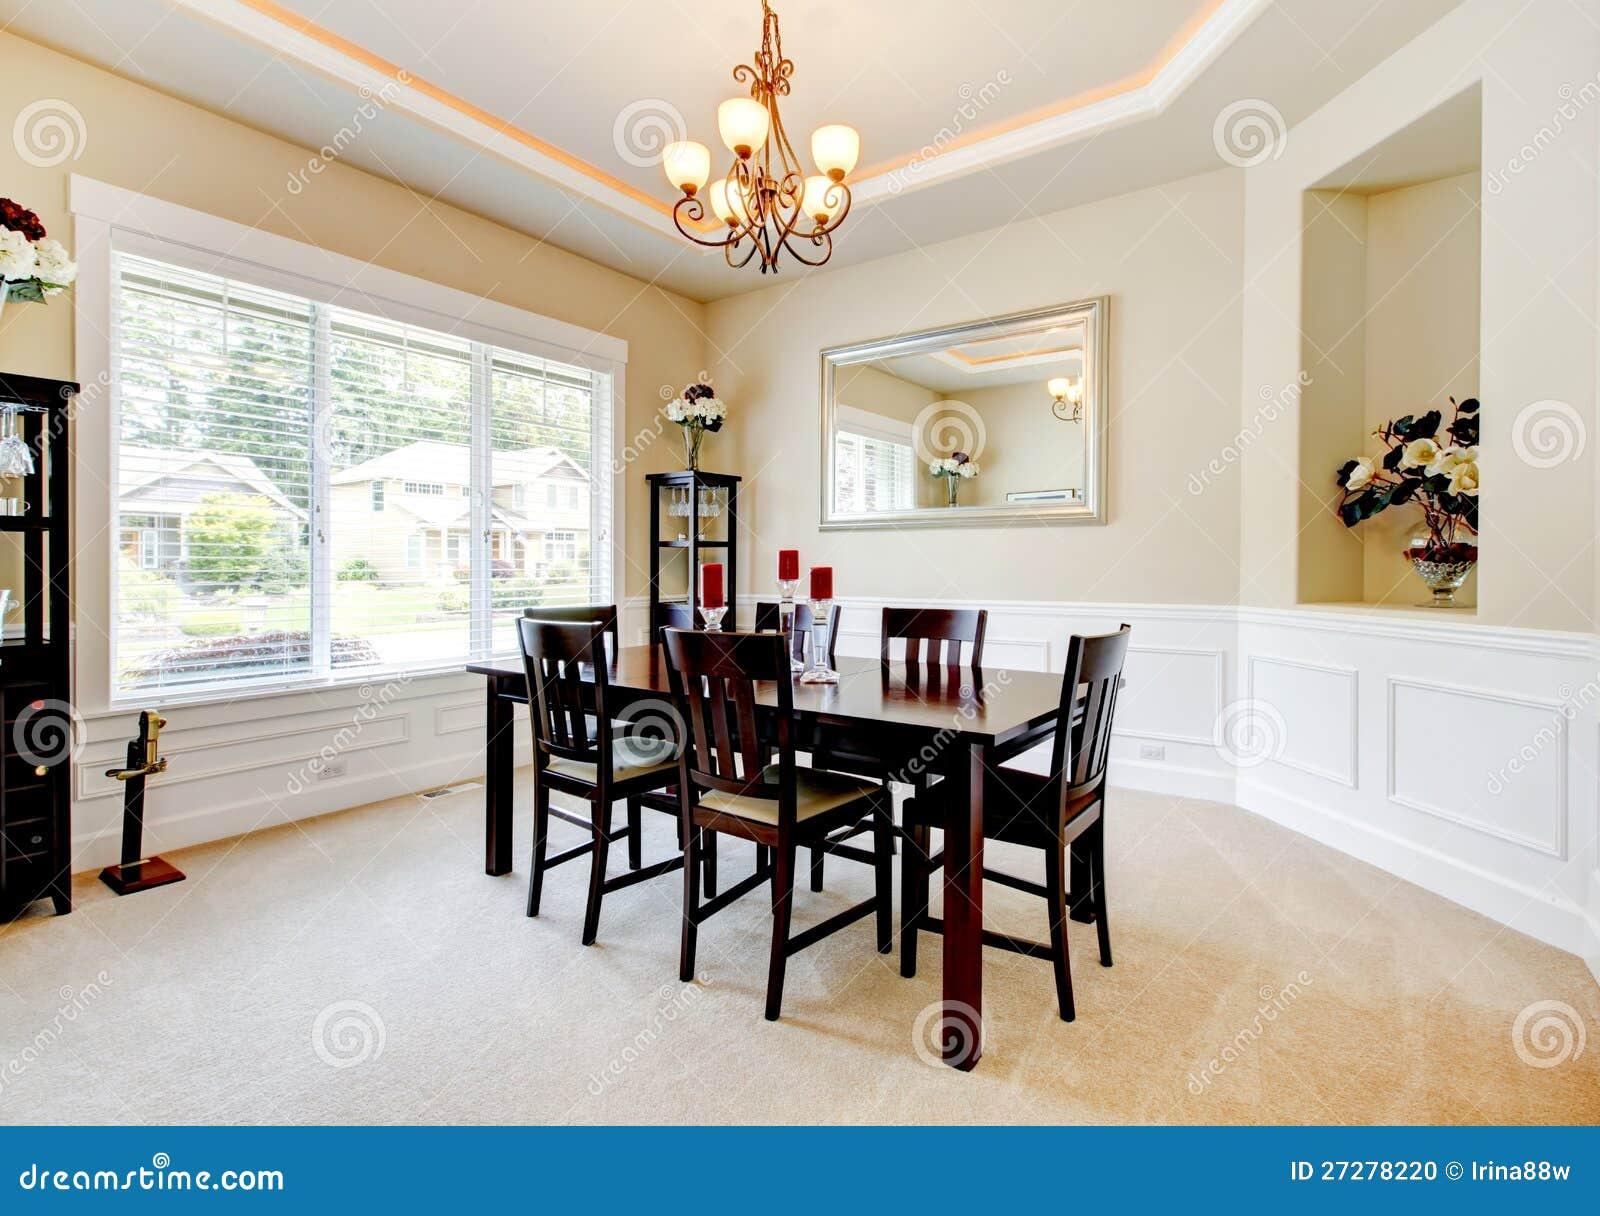 grande salle manger de luxe avec les meubles en bois fonc s photo stock image 27278220. Black Bedroom Furniture Sets. Home Design Ideas